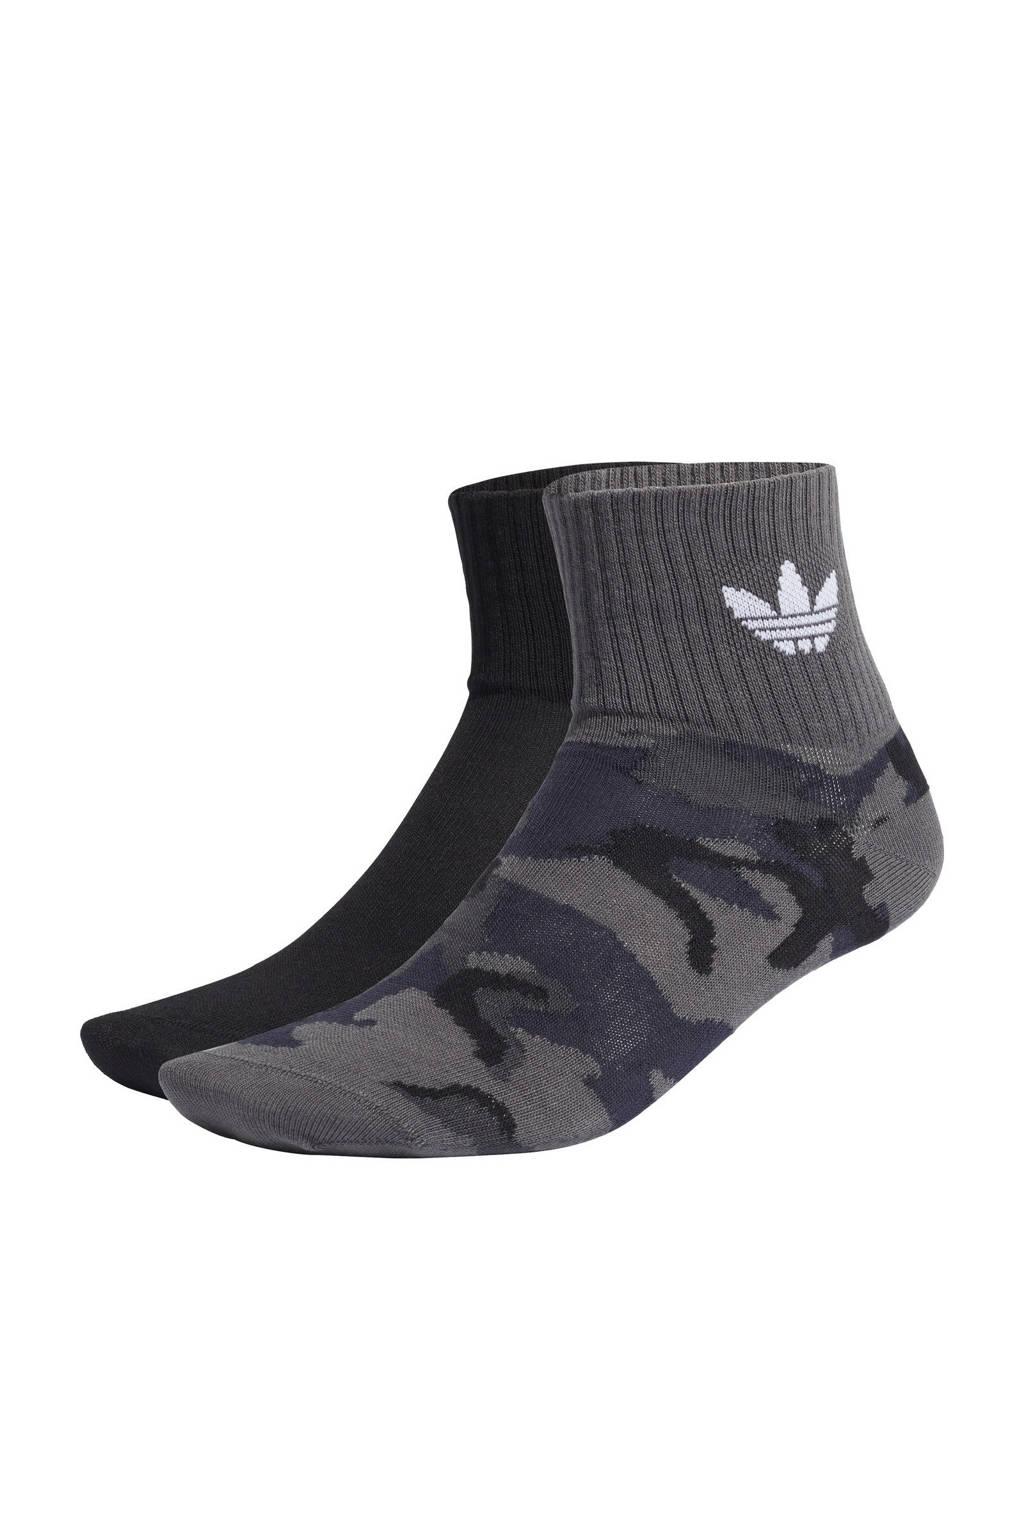 adidas Originals sokken - set van 2 antraciet/zwart, Antraciet/zwart